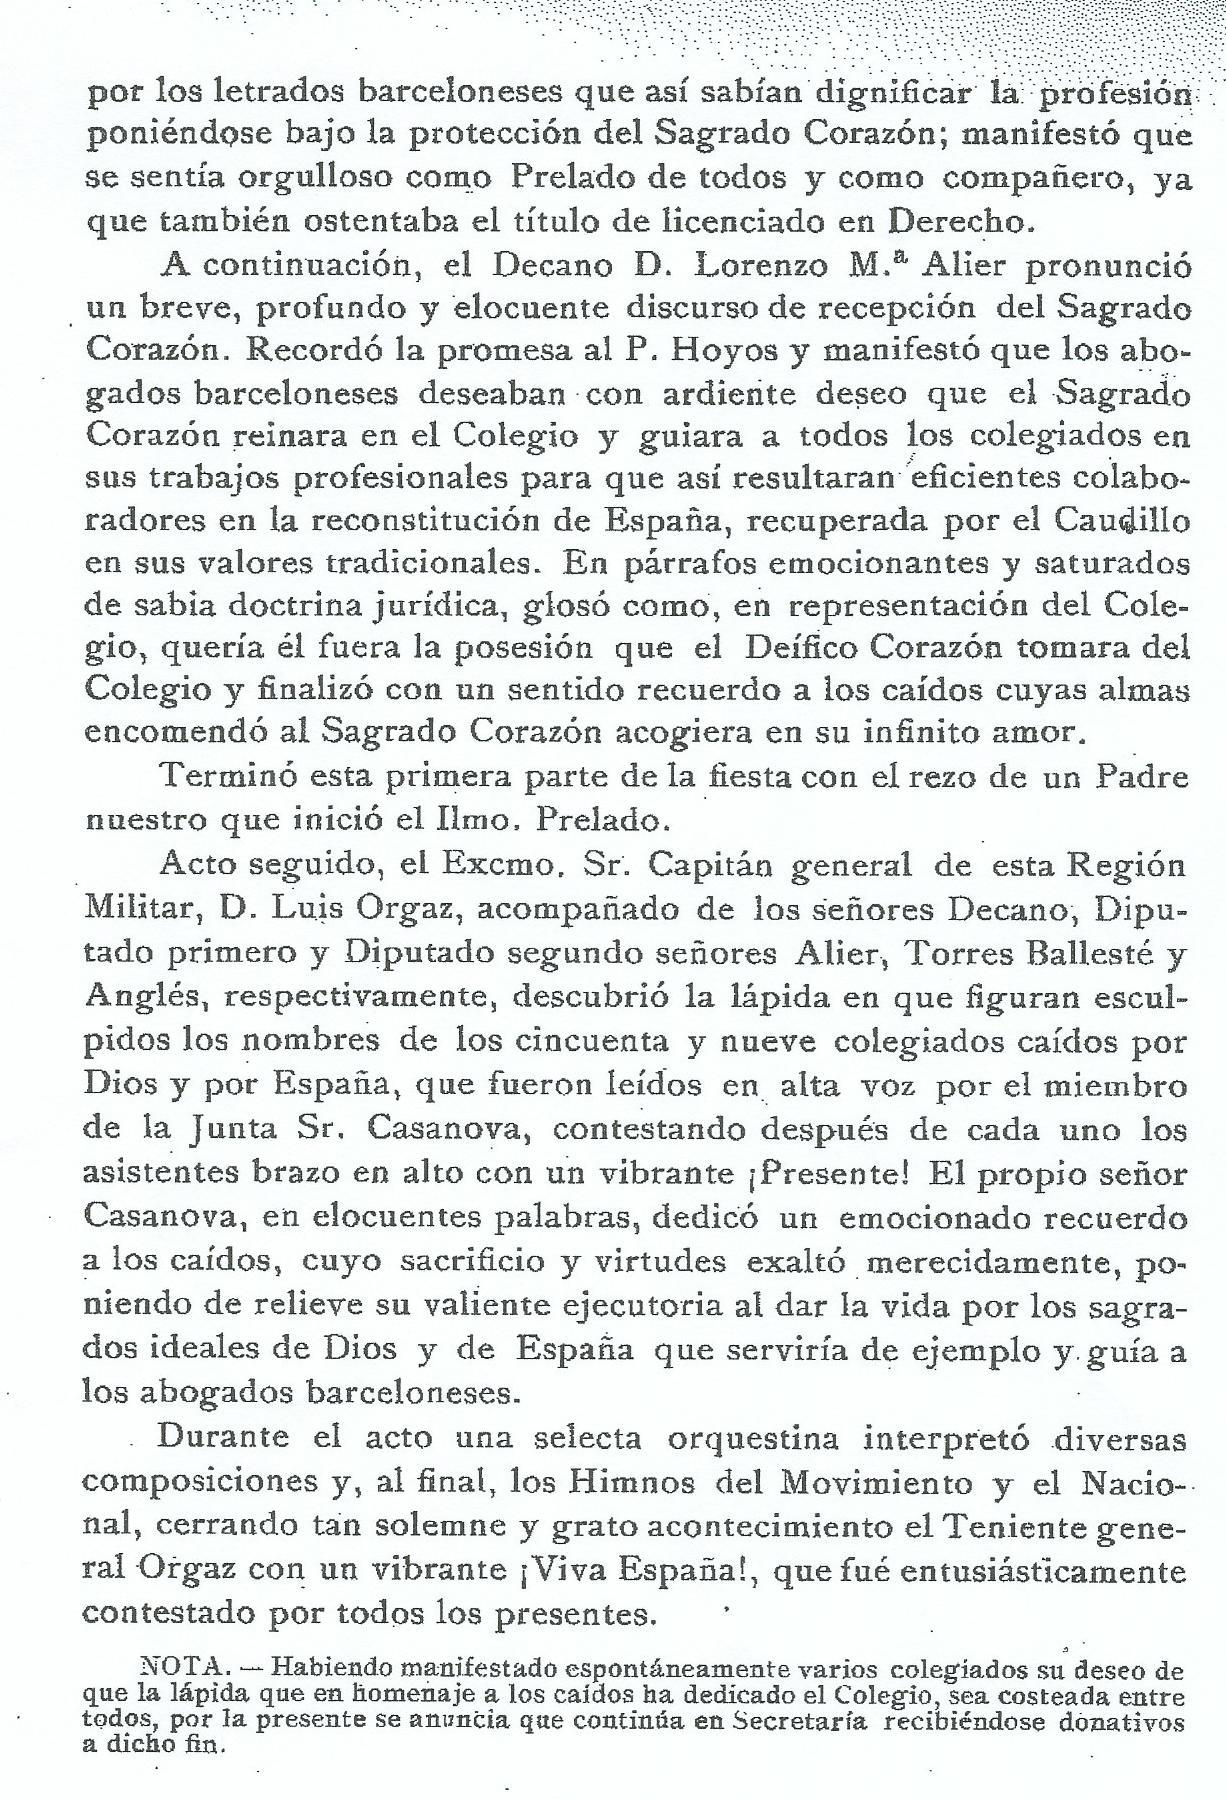 Circular del Colegio de abogados de Barcelona, 1940, segunda página